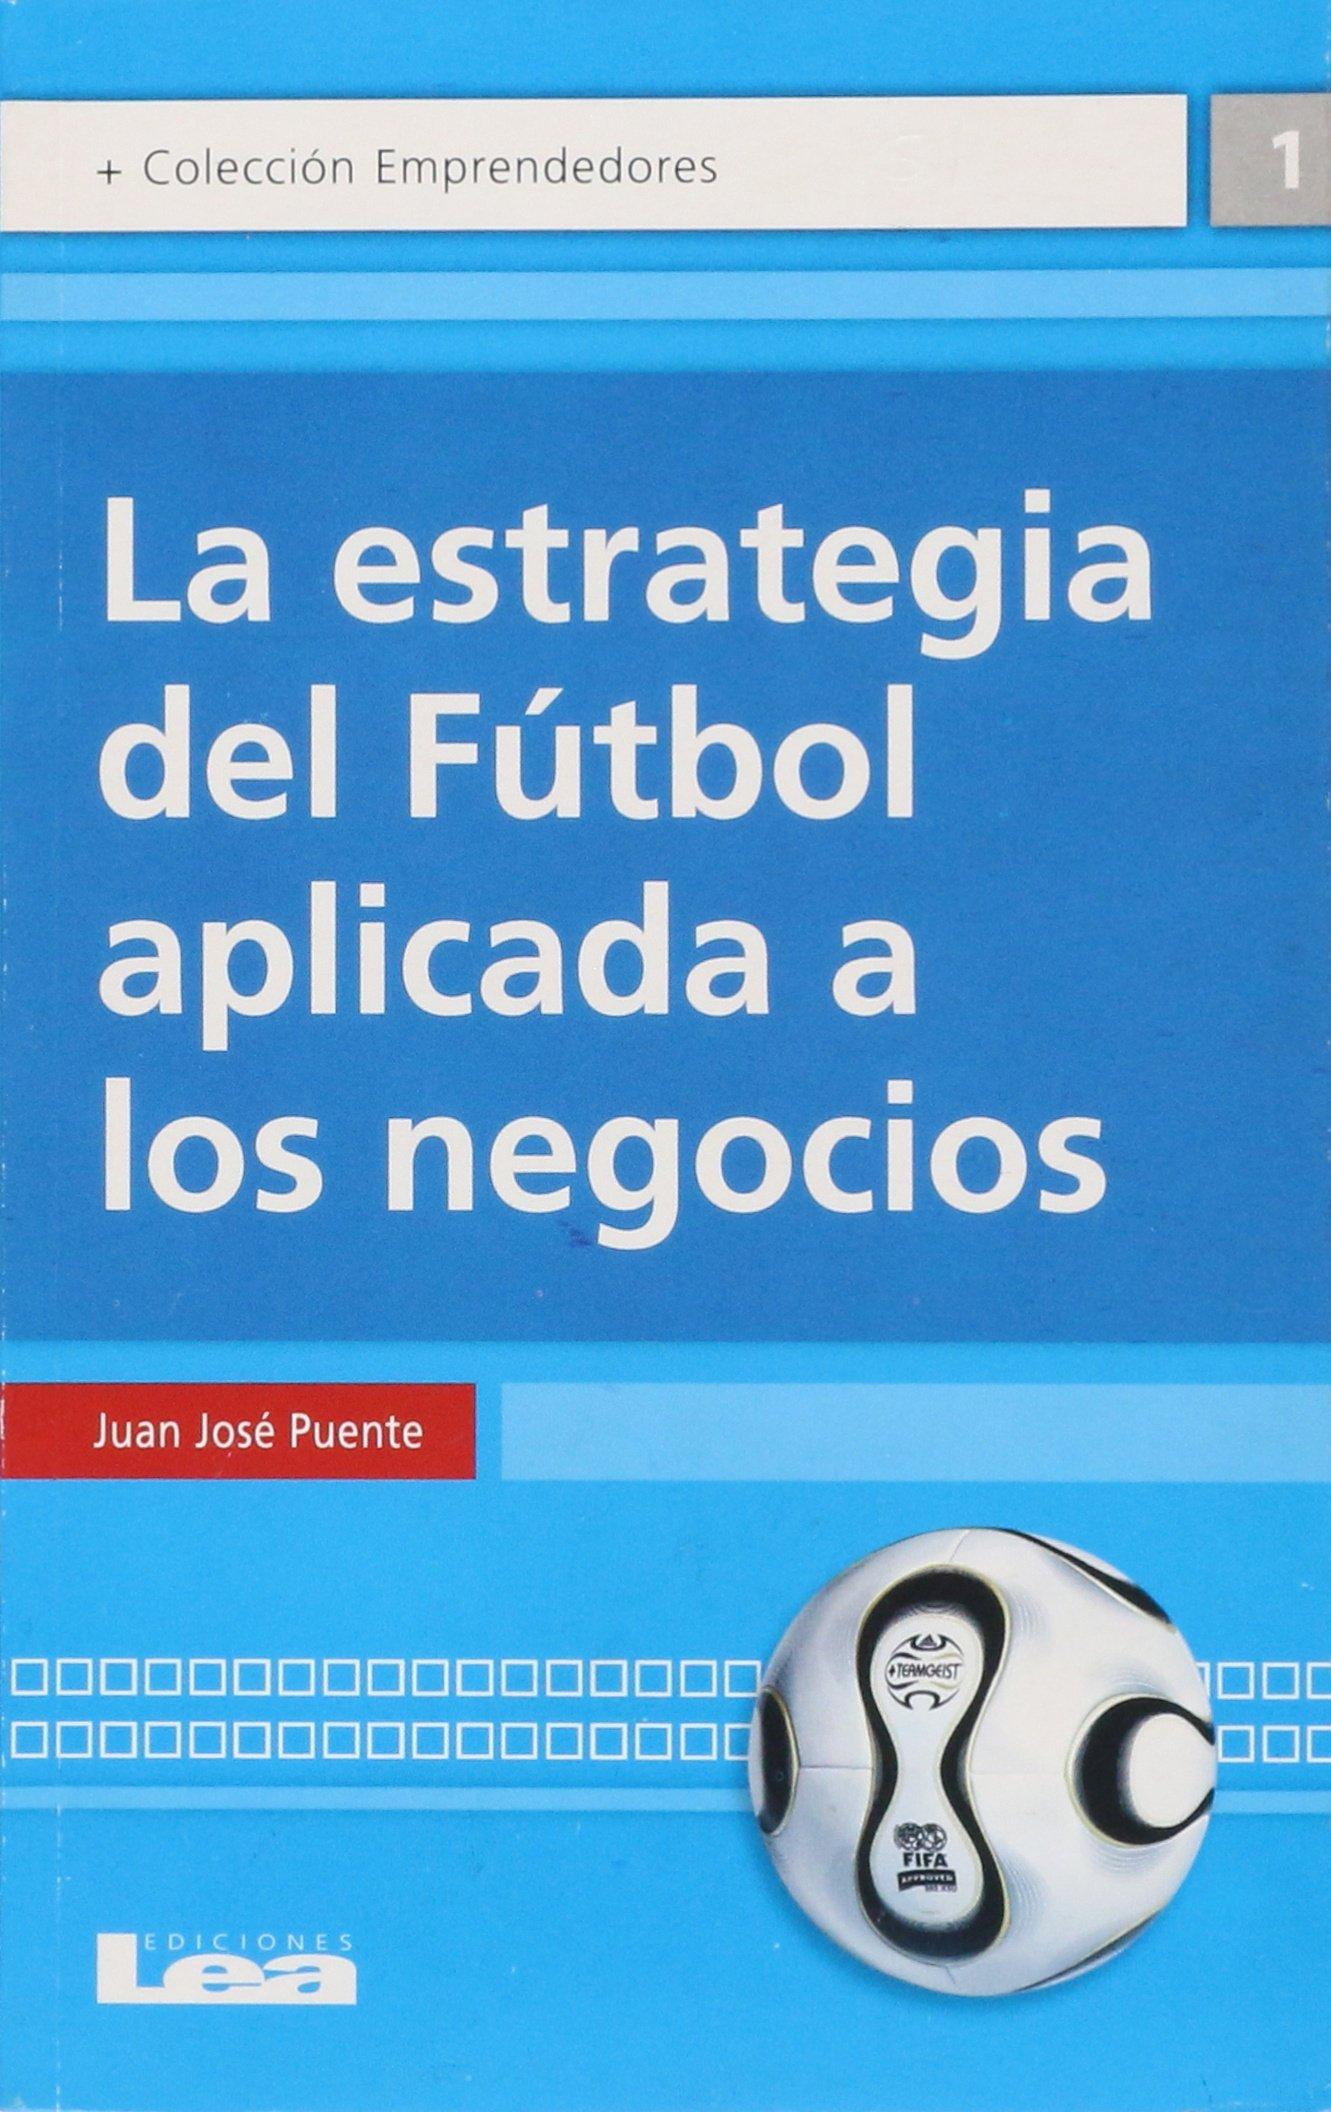 La estrategia del fútbol aplicada a los negocios (Spanish Edition) by Ediciones Lea